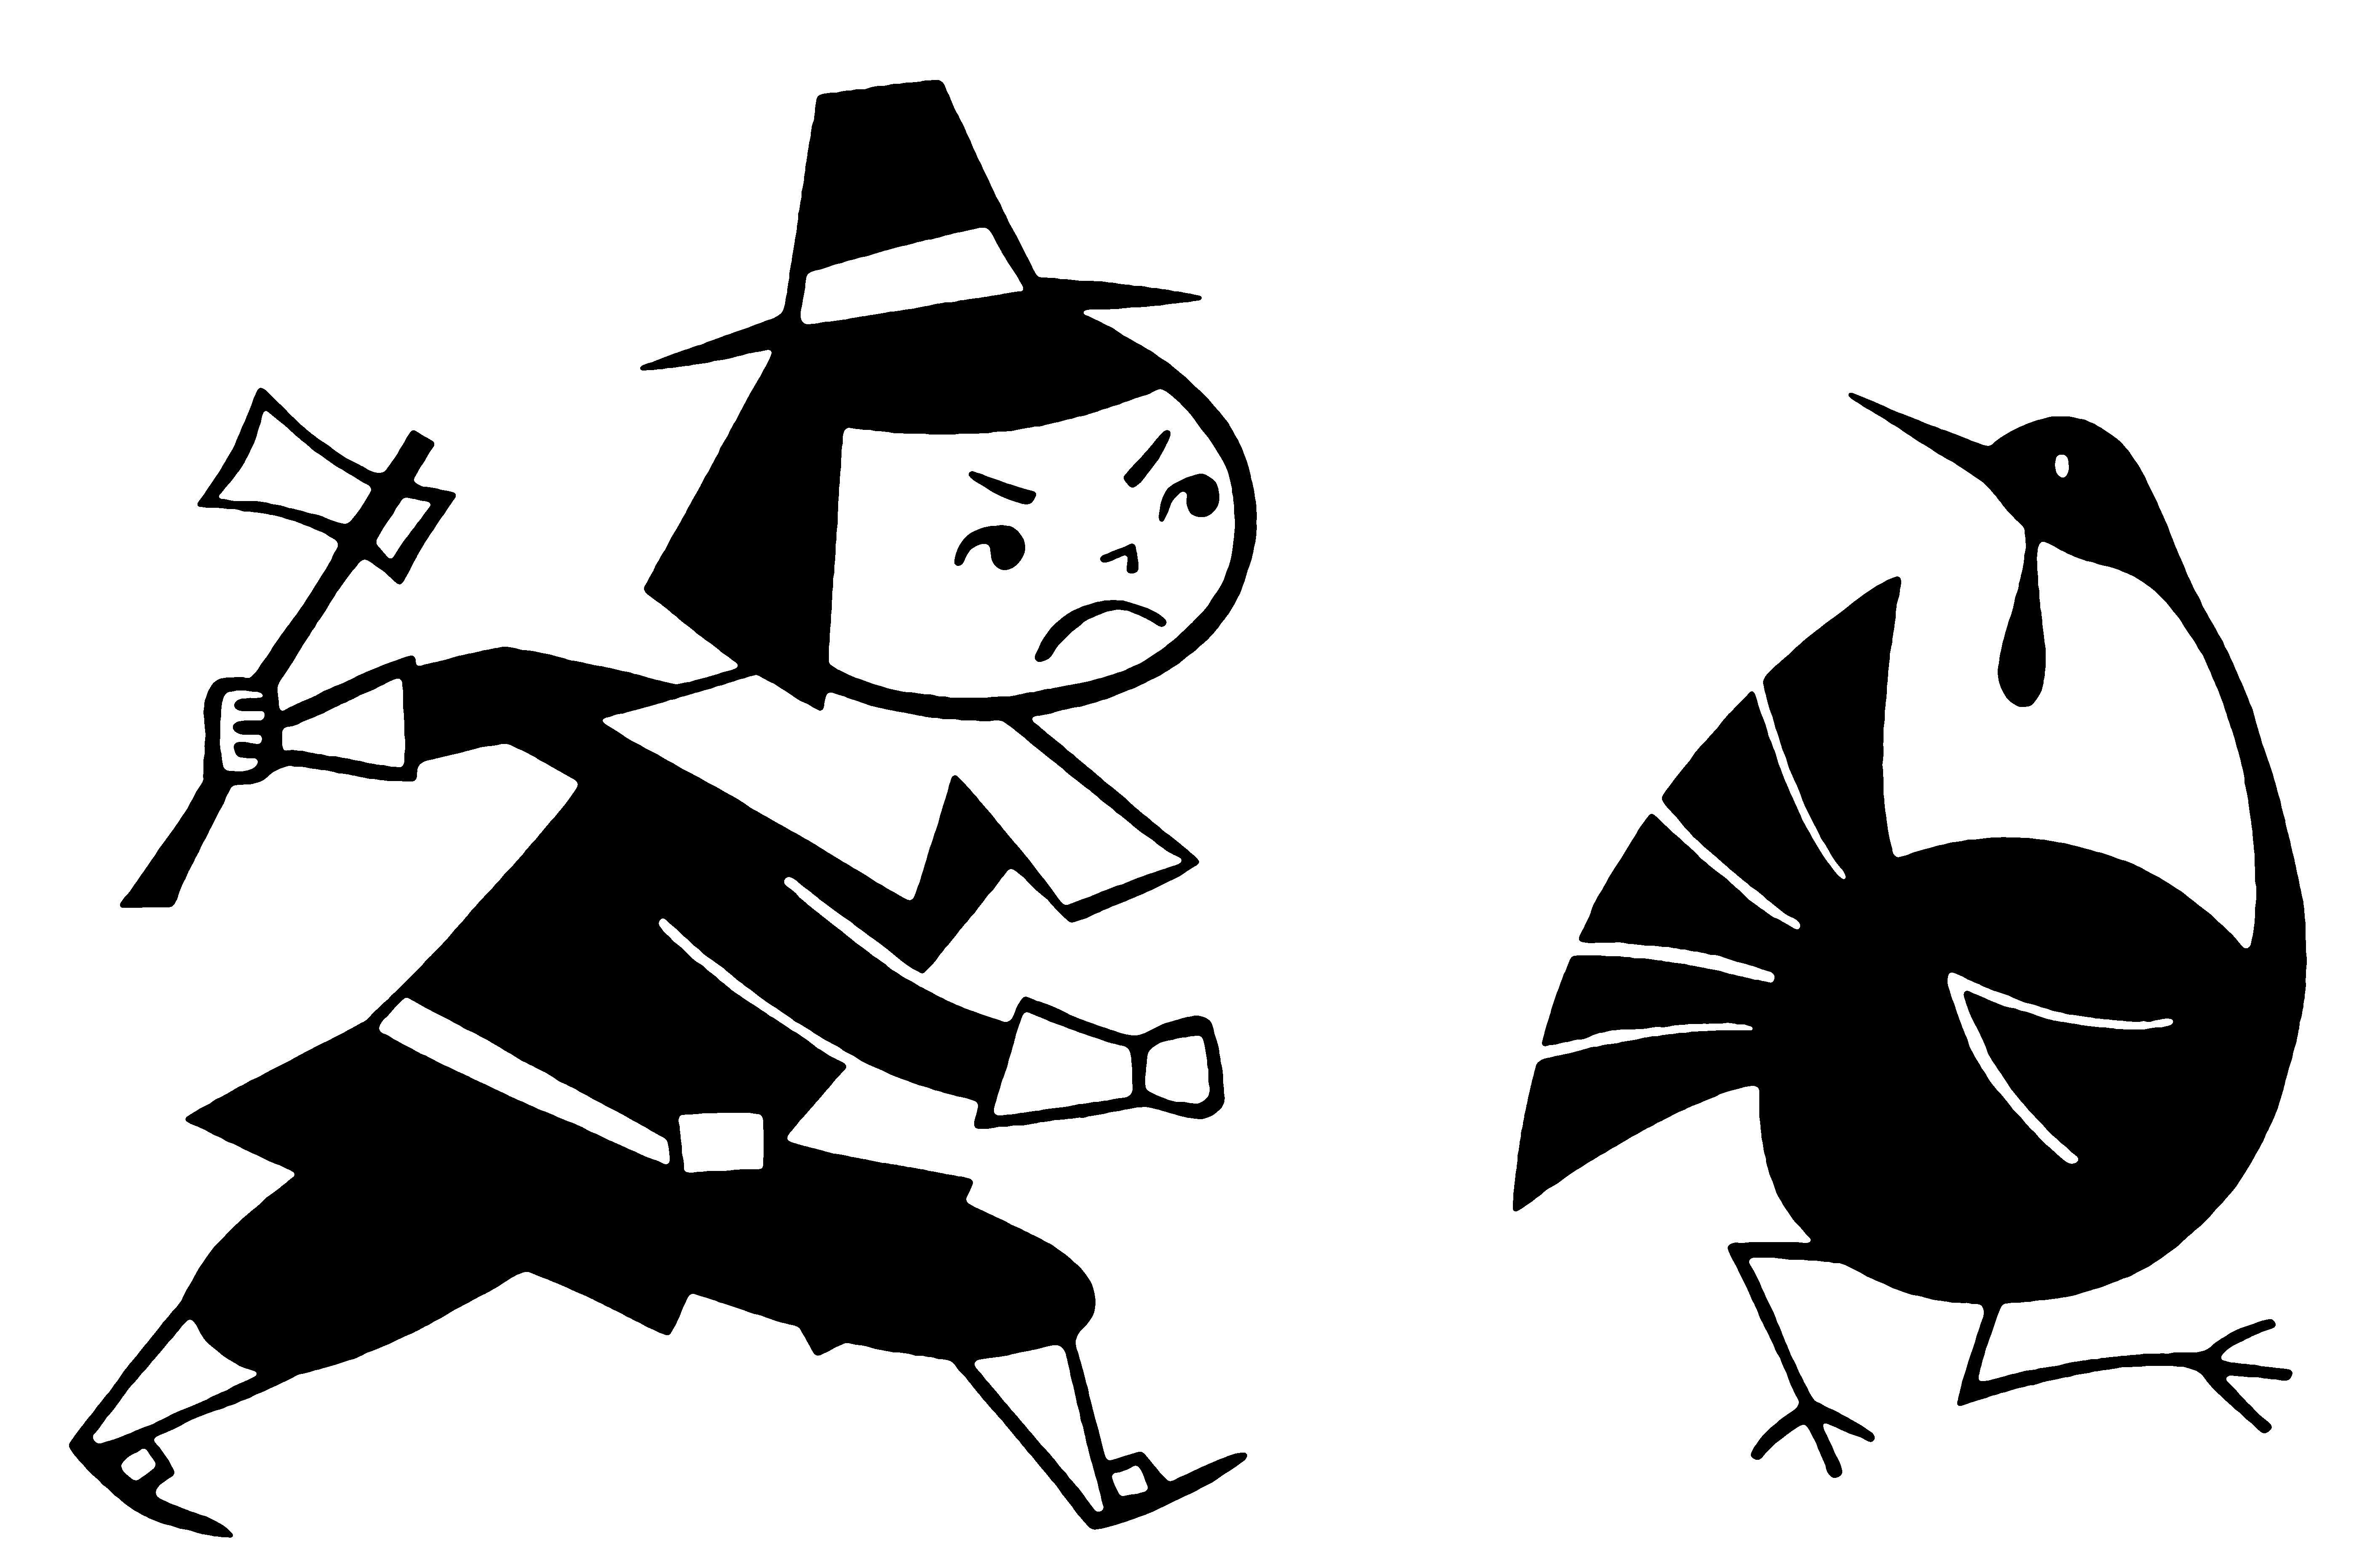 Pilgrim chasing Turkey for Thanksgiving Dinner